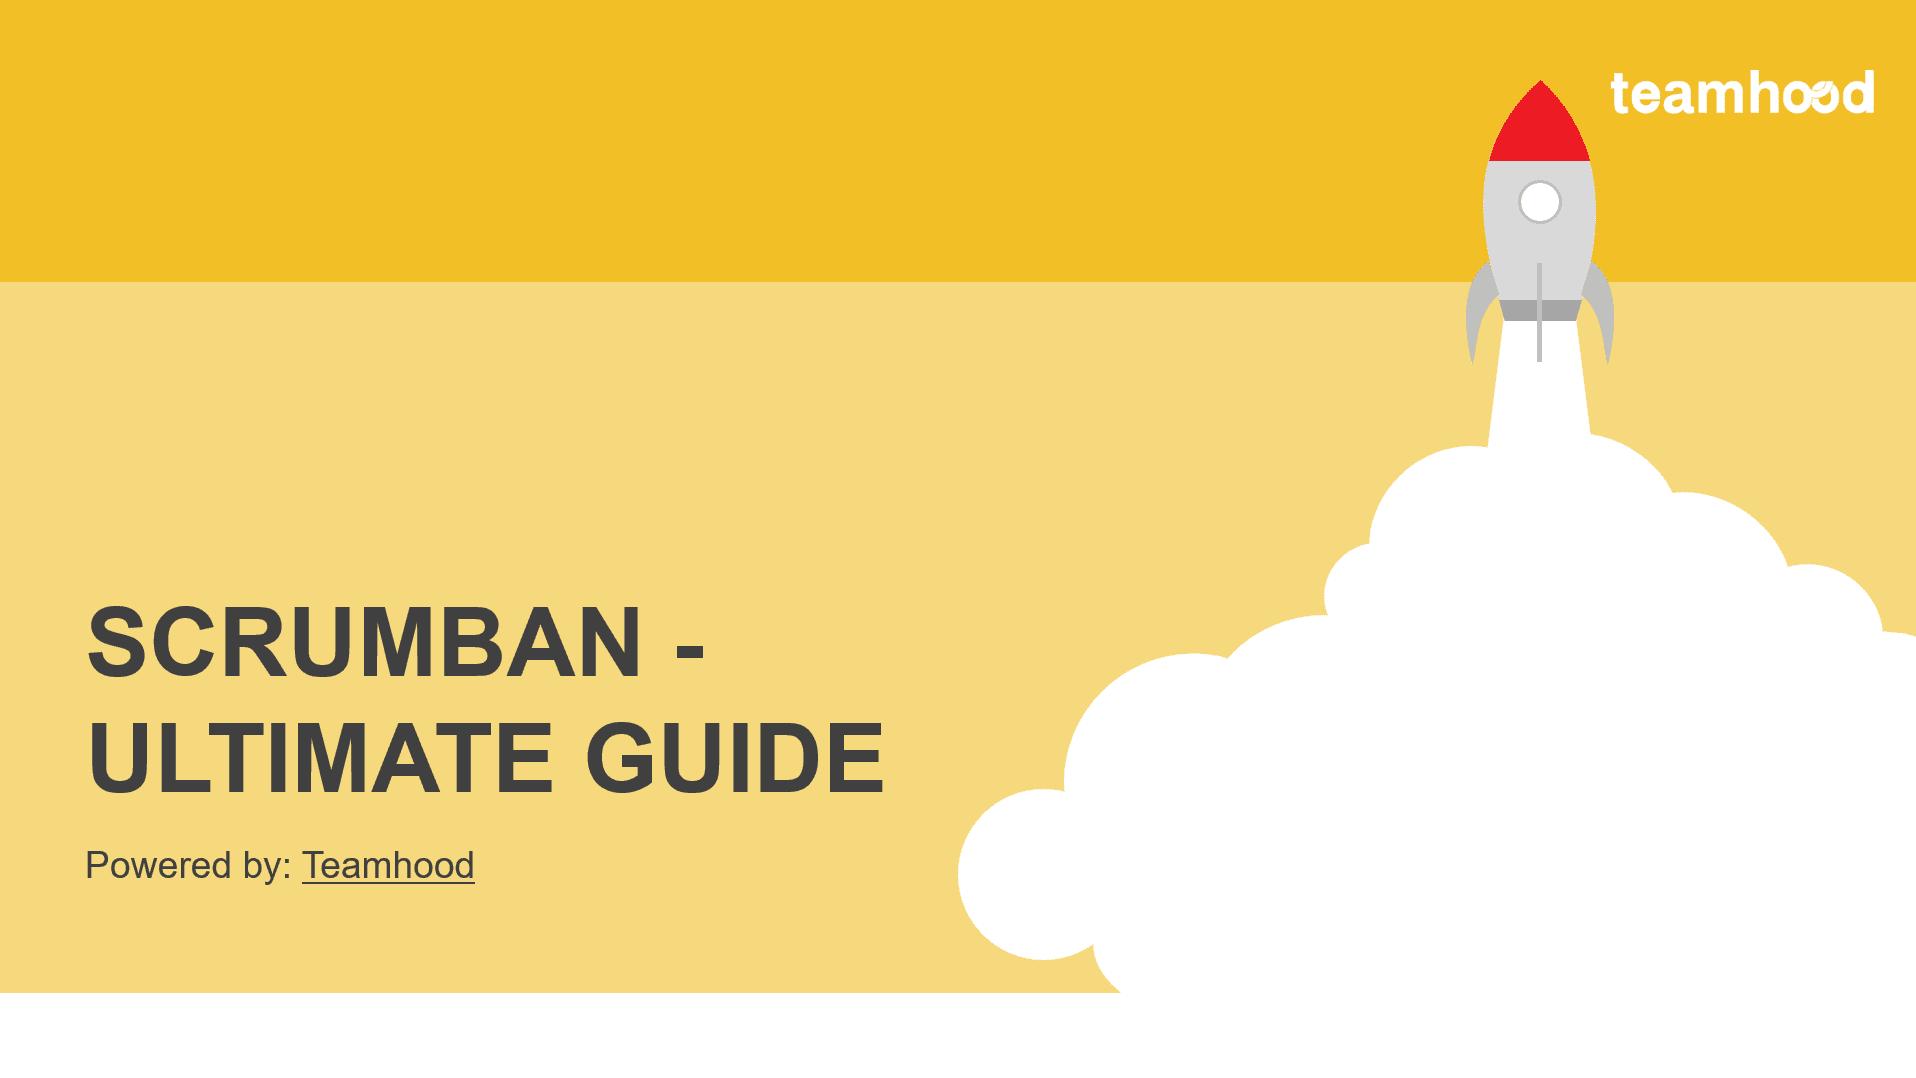 scrumban ultimate guide